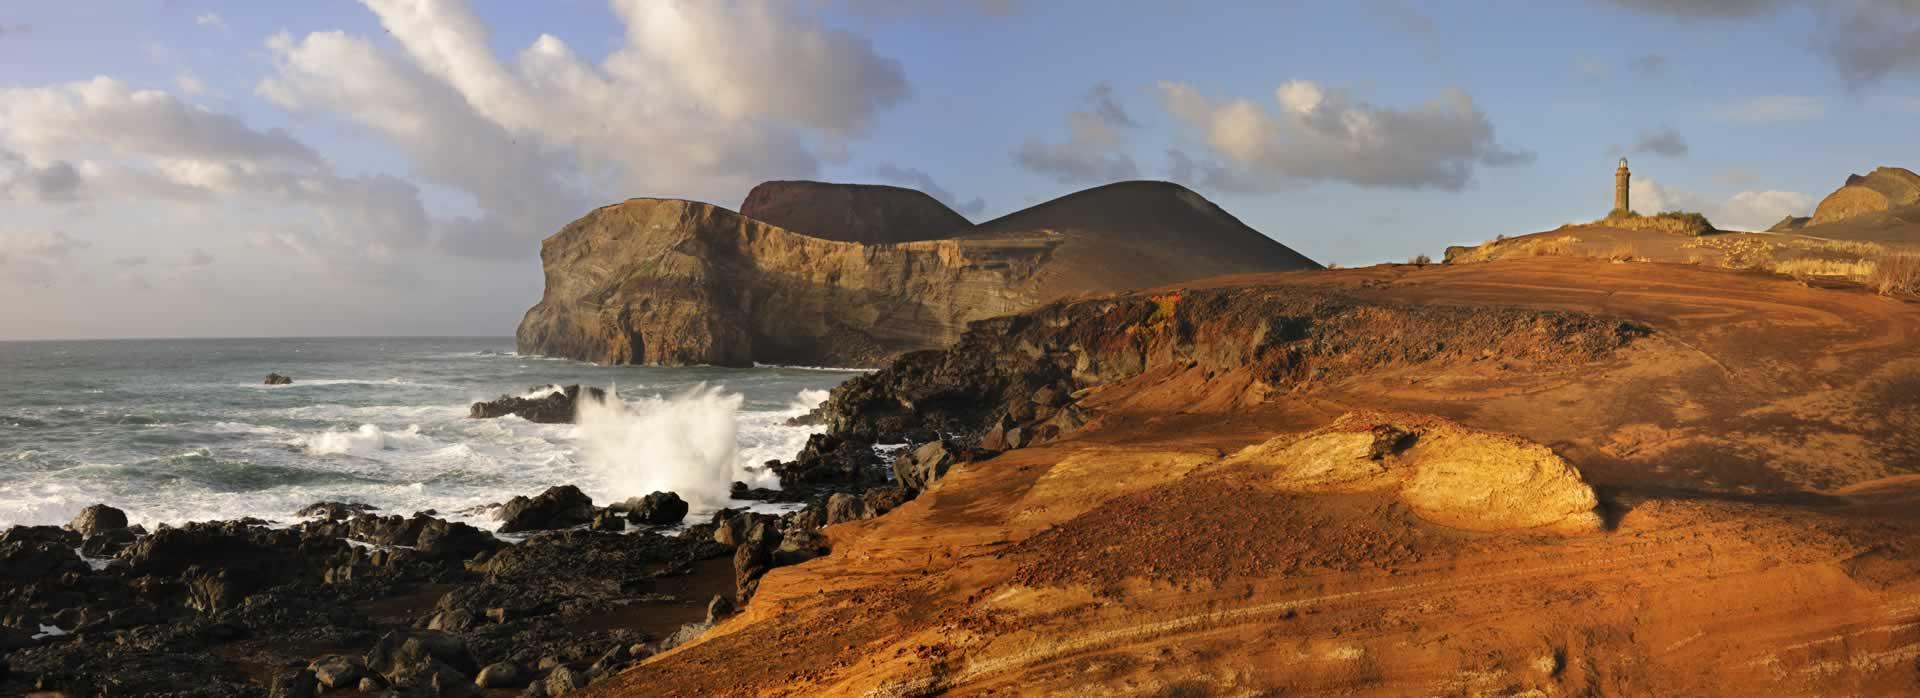 Volcan de Capelinhos sur l'île de Faial au caractère dramatique et d'un paysage véritablement unique